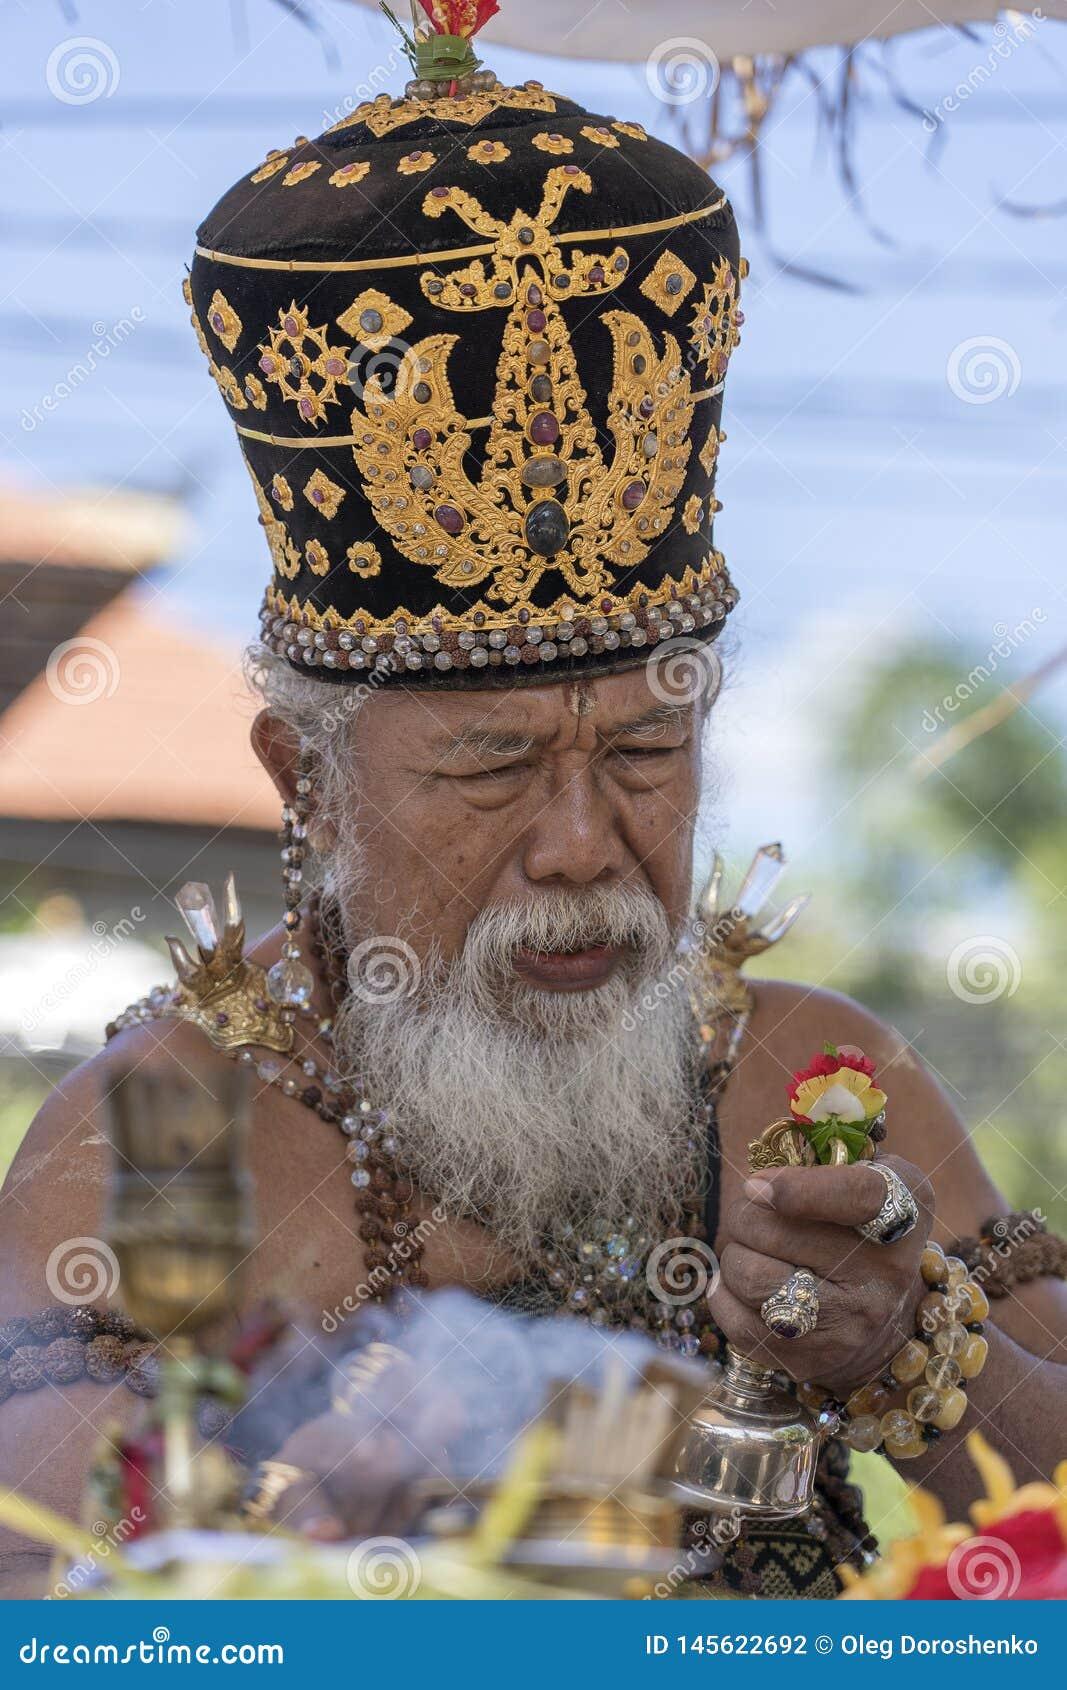 Ida Pedanda Gede Made Gunung een Hindoese hoge priester, gedragingen godsdienstig gebed tijdens bood crematieceremonie op central